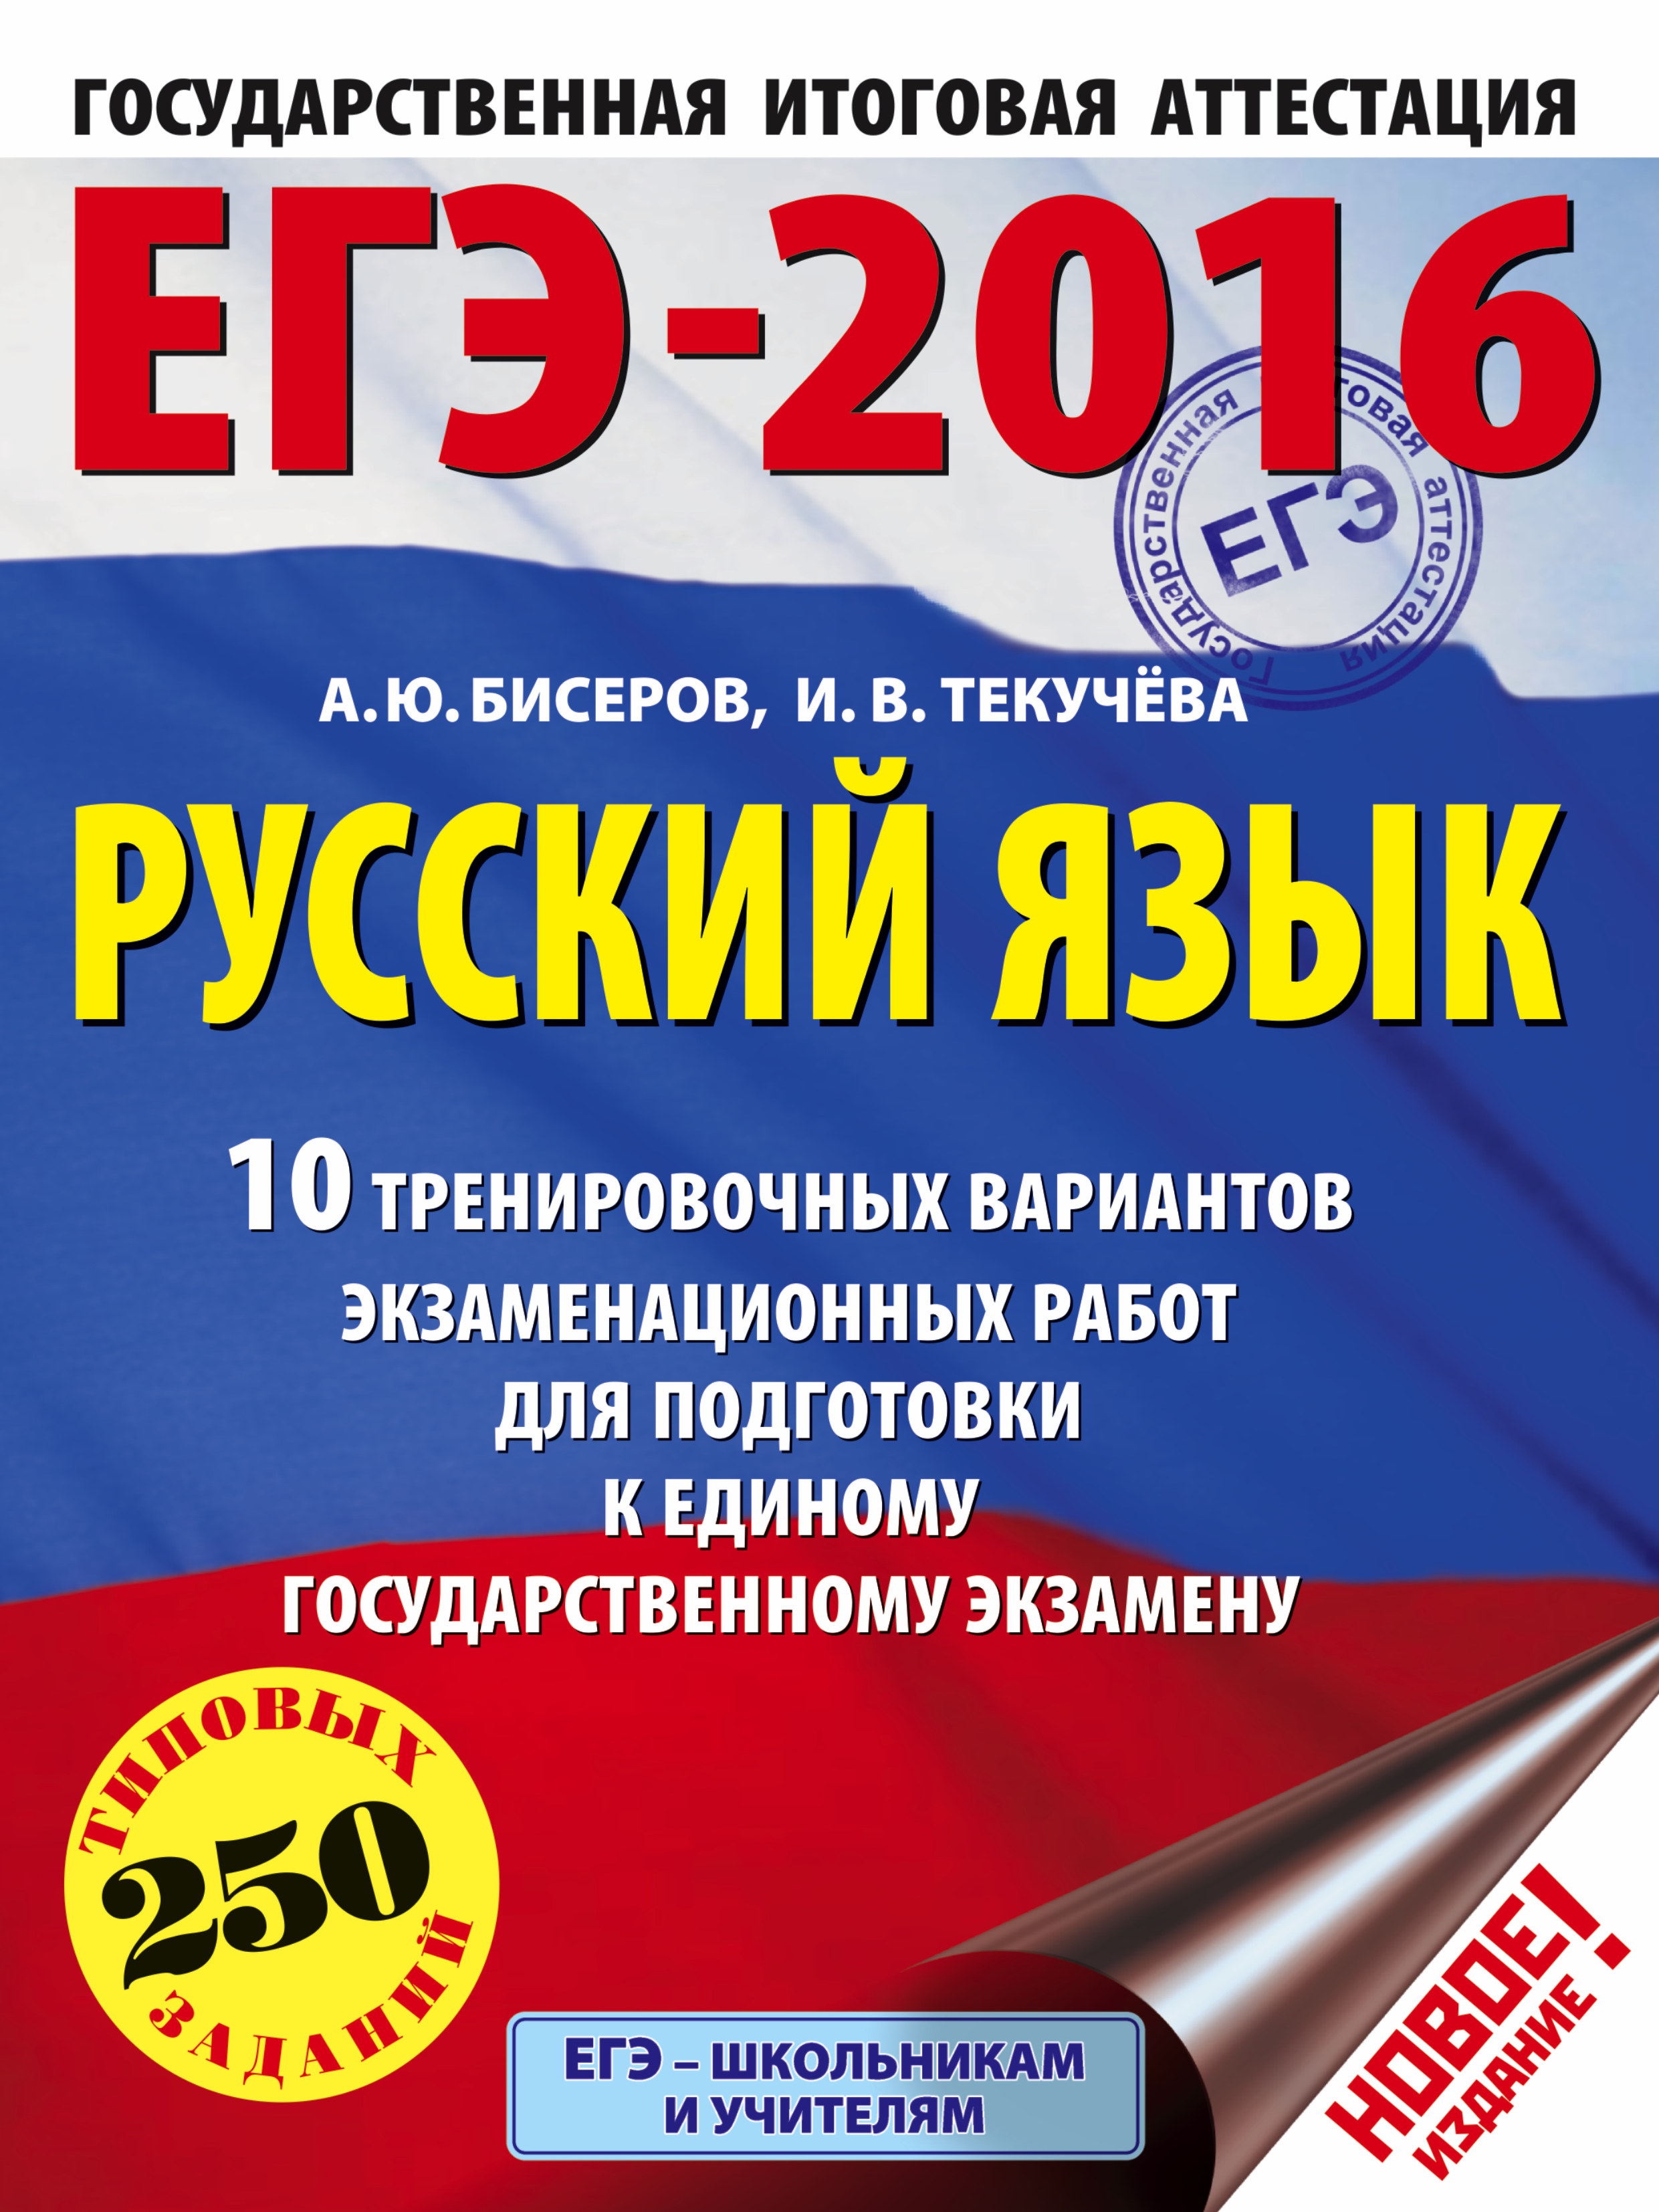 ЕГЭ-2016. Русский язык (60х84/8) 10 тренировочных вариантов экзаменационных работ для подготовки к ЕГЭ